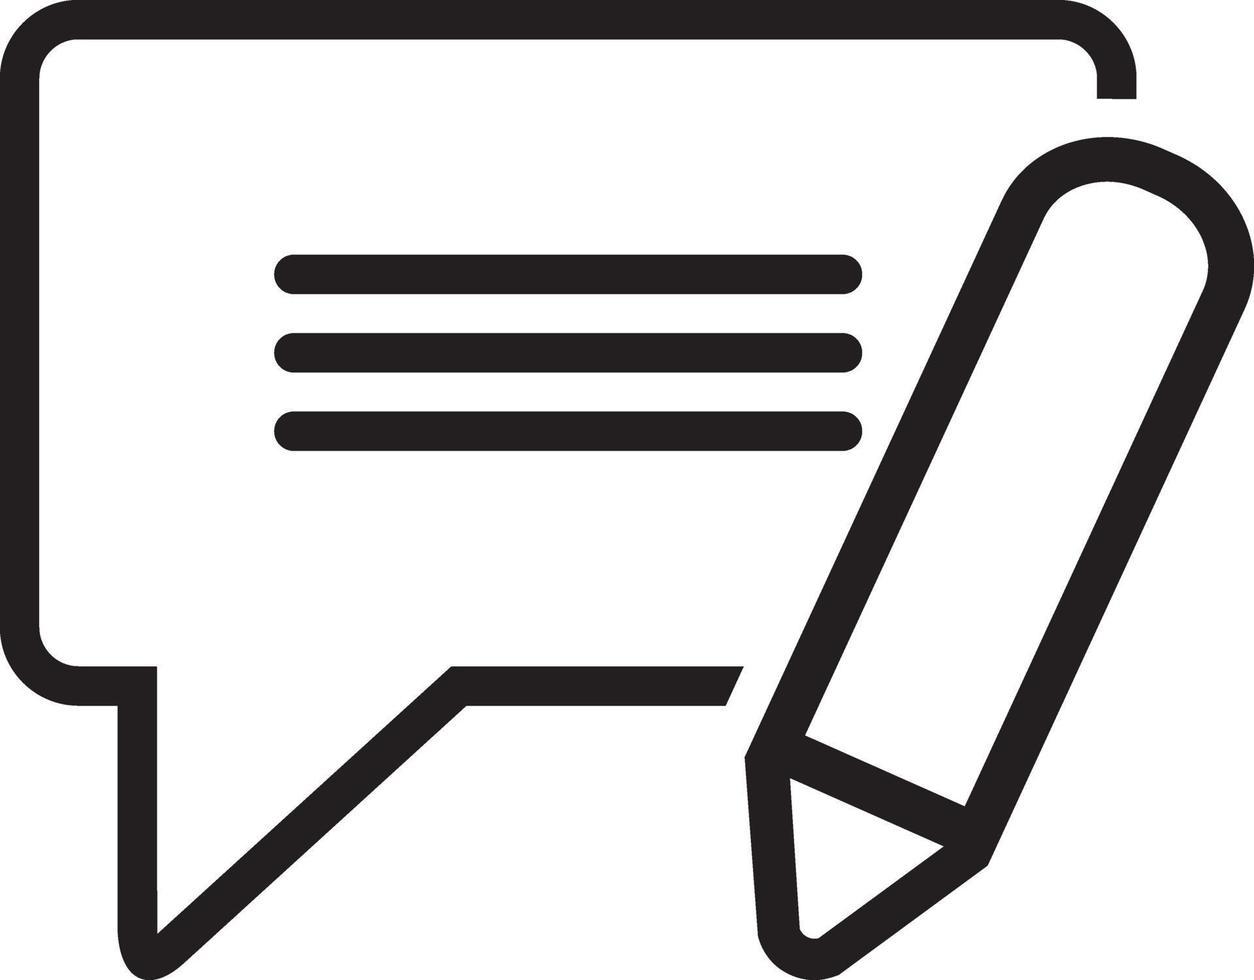 icône de ligne pour sms vecteur